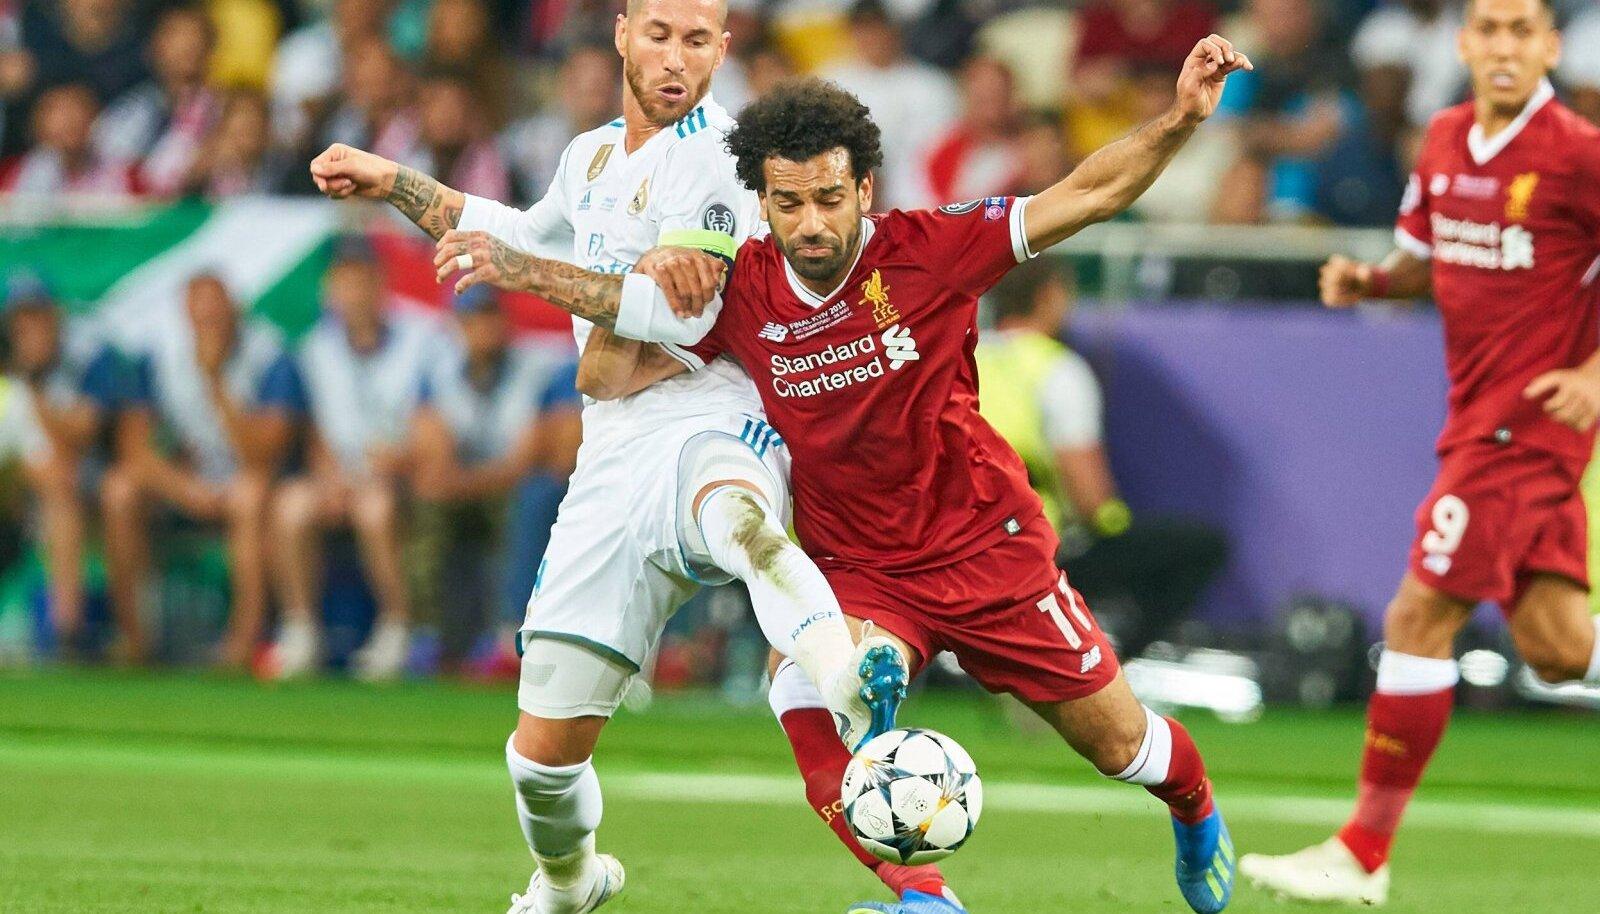 Sergio Ramose võte, mille tõttu pidi Mohamed Salah 2018. aasta Meistrite liiga finaalis väljakult lahkuma.